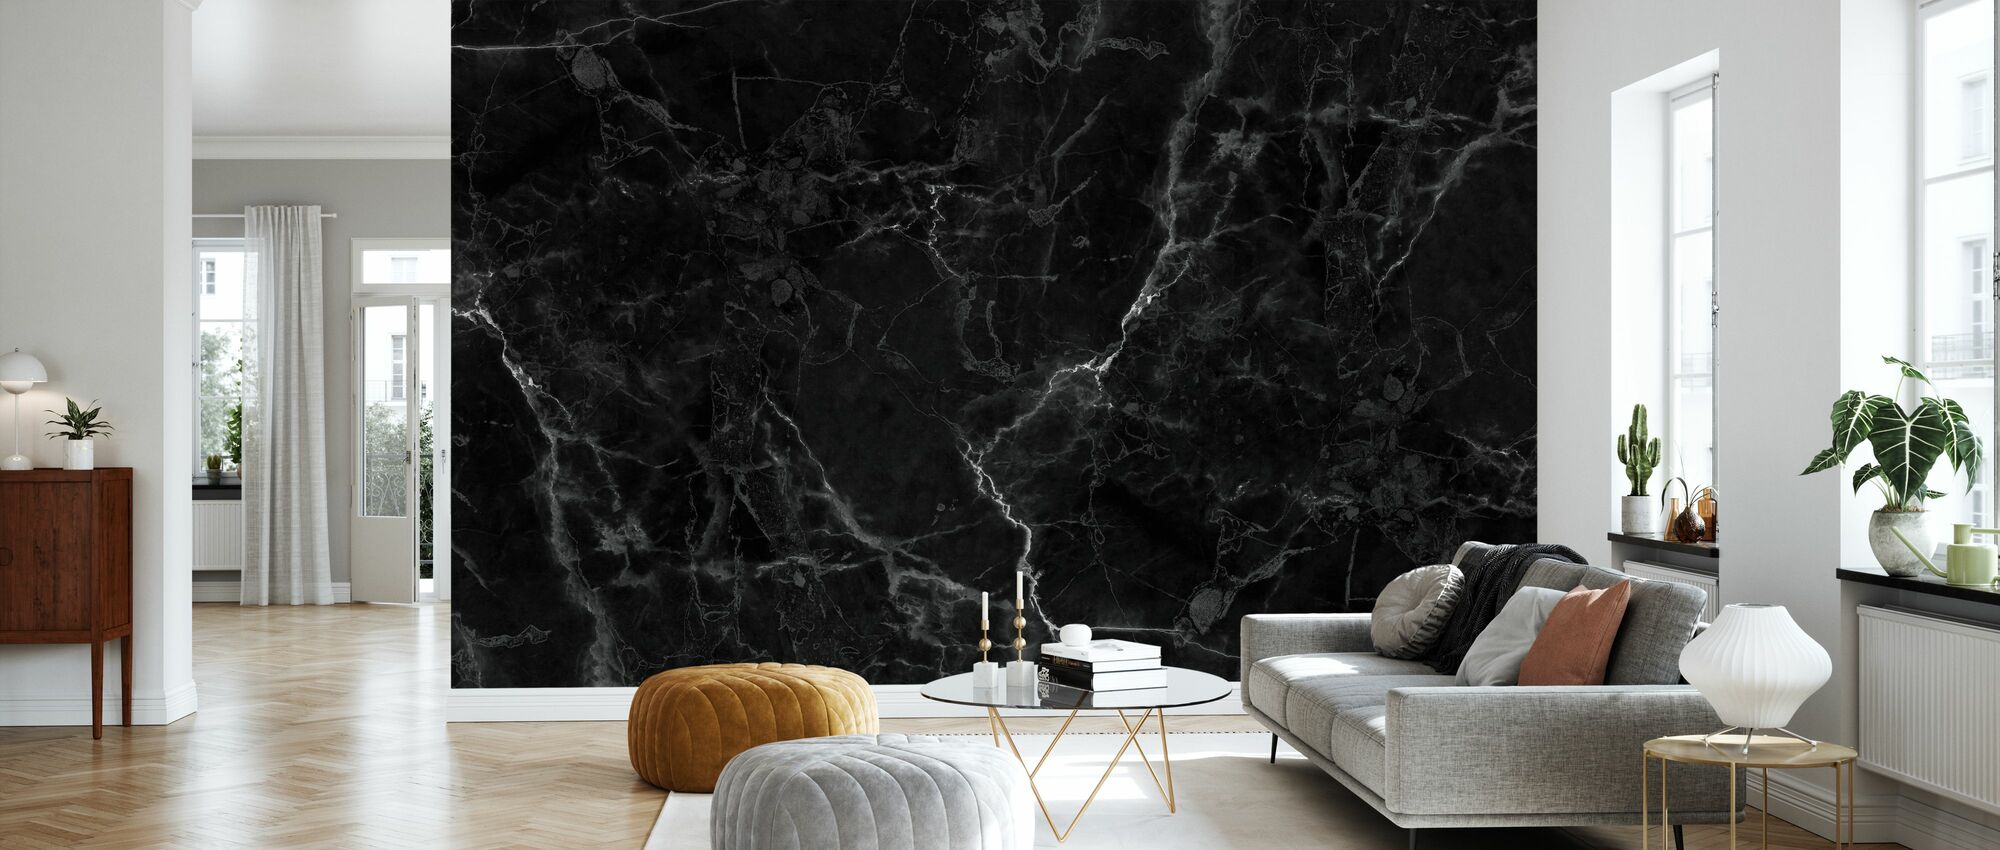 Black Marble - Wallpaper - Living Room